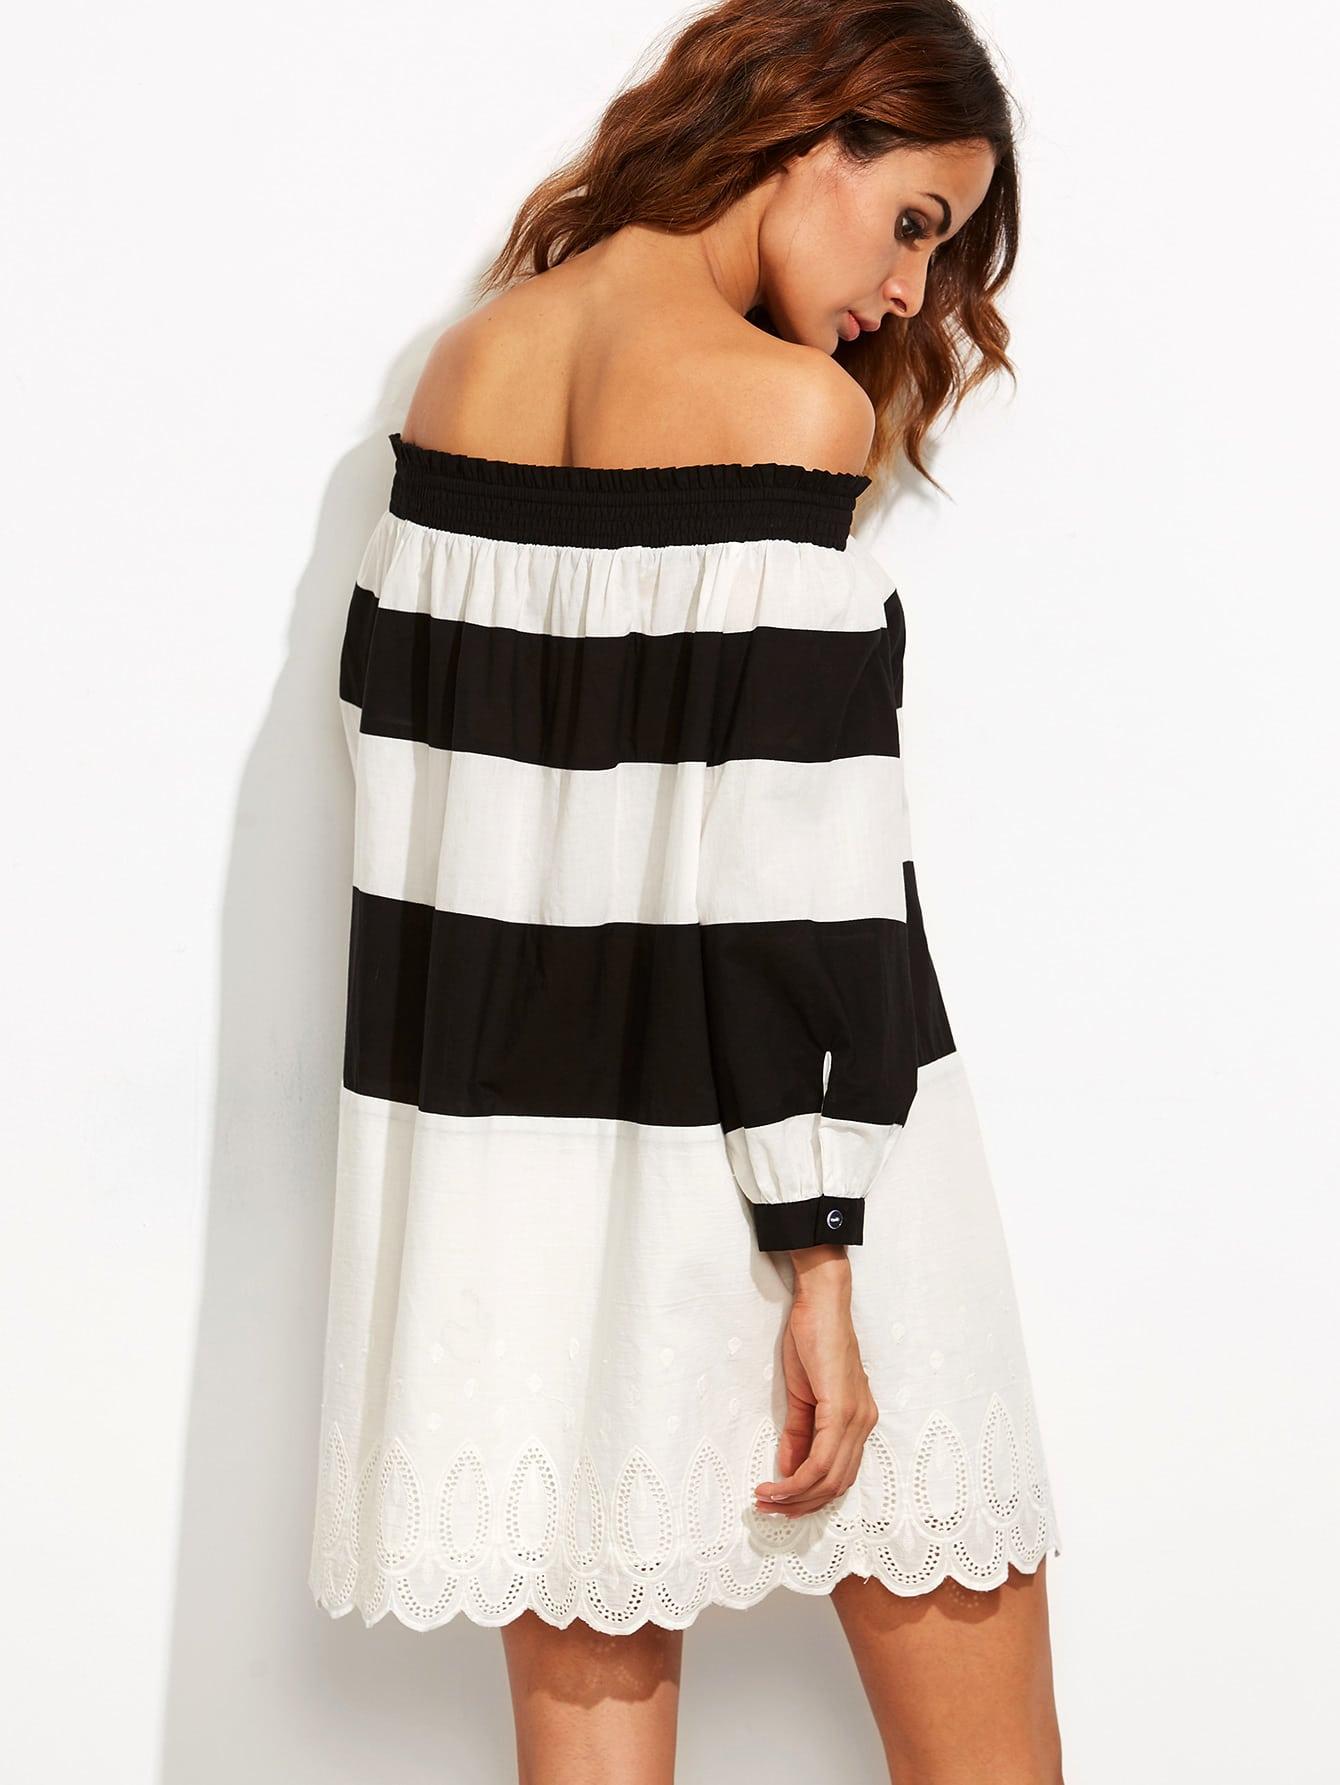 dress160815516_2